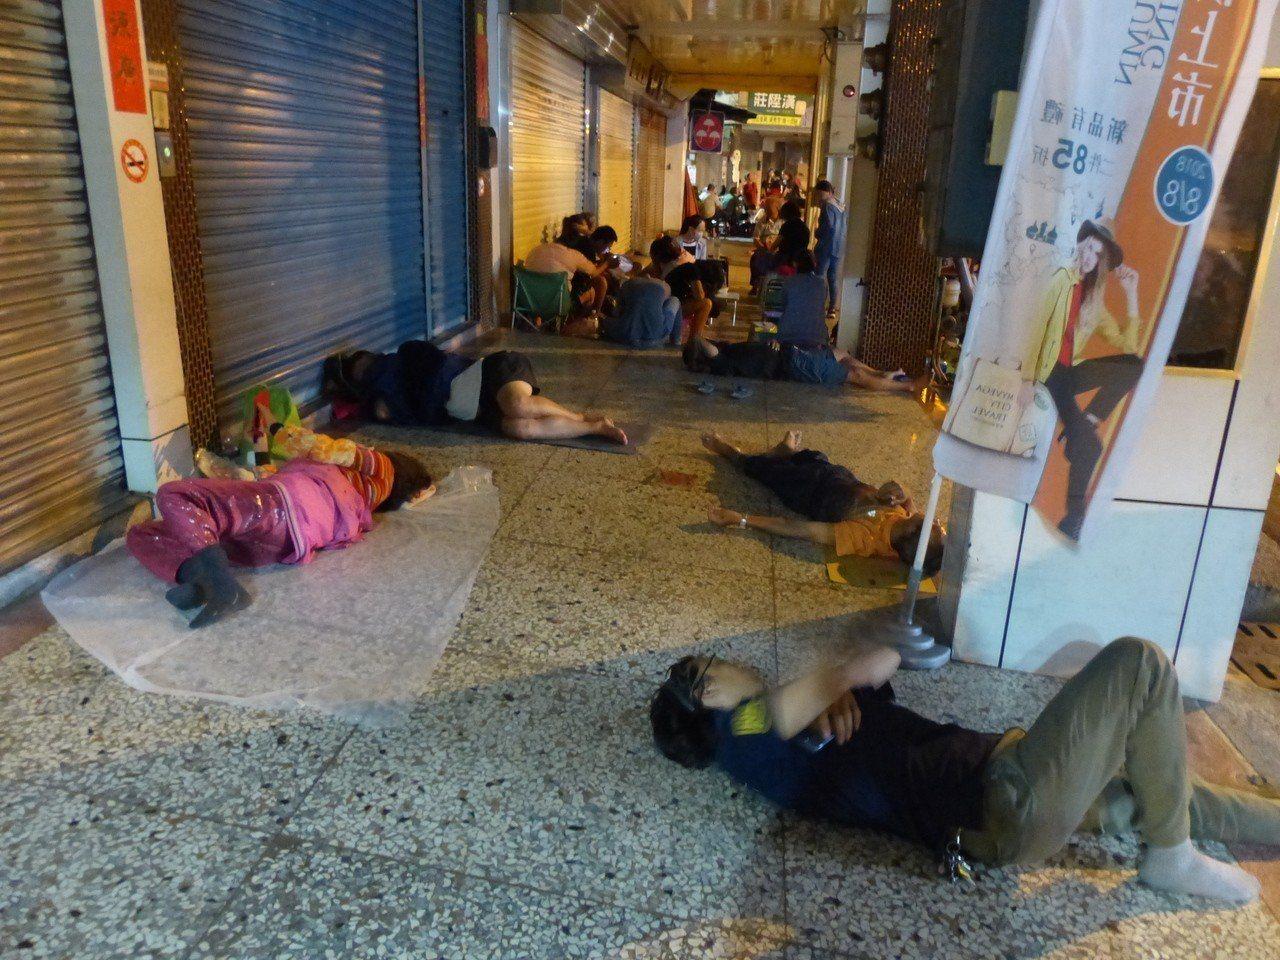 排隊排累了,索性躺臥在騎樓呼呼大睡。記者劉明岩/攝影